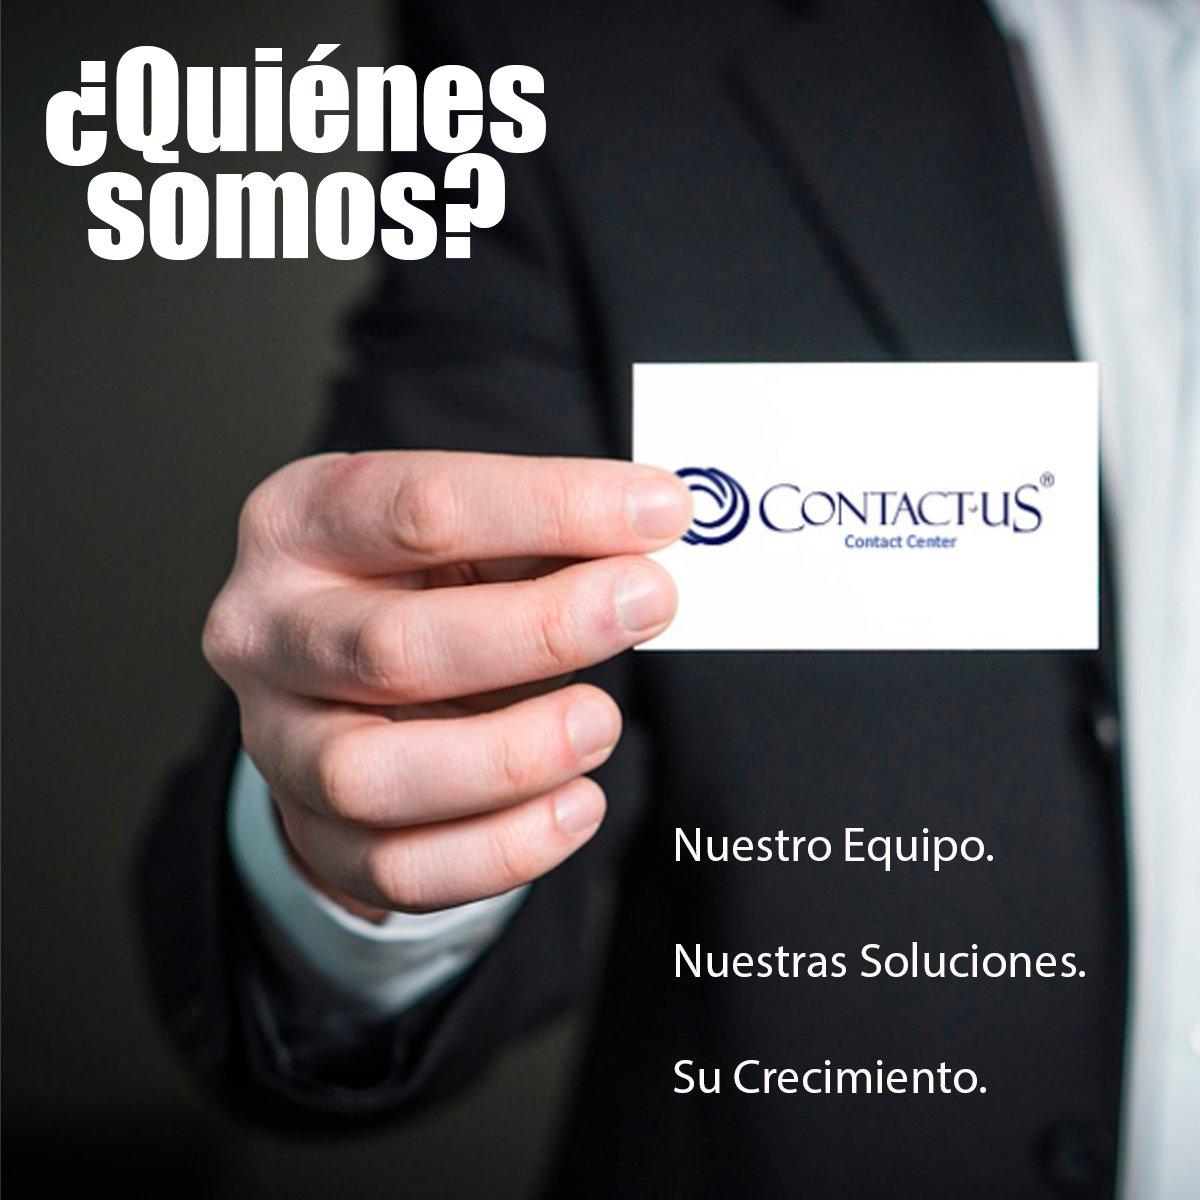 Estamos conscientes de que toda empresa necesita siempre de la innovación para seguir avanzando. Nosotros te ayudamos a implementar nuevas estrategias que ayuden a tu empresa a alcanzar sus objetivos com  #Puebla #AtenciónAClientes #Innovación